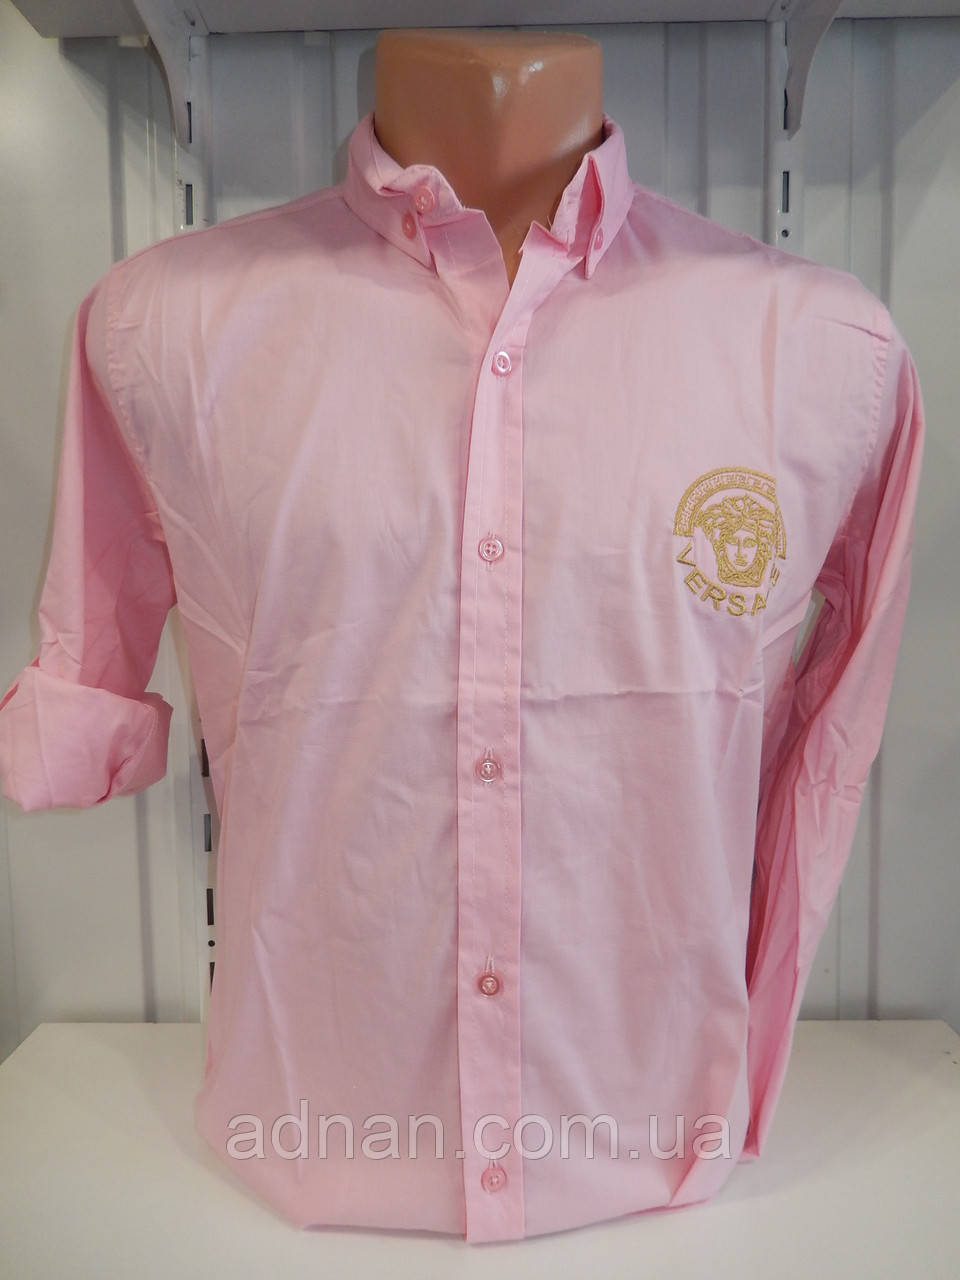 Рубашка мужская, рукав трансформер, узор, стрейч 010\ купить рубашку